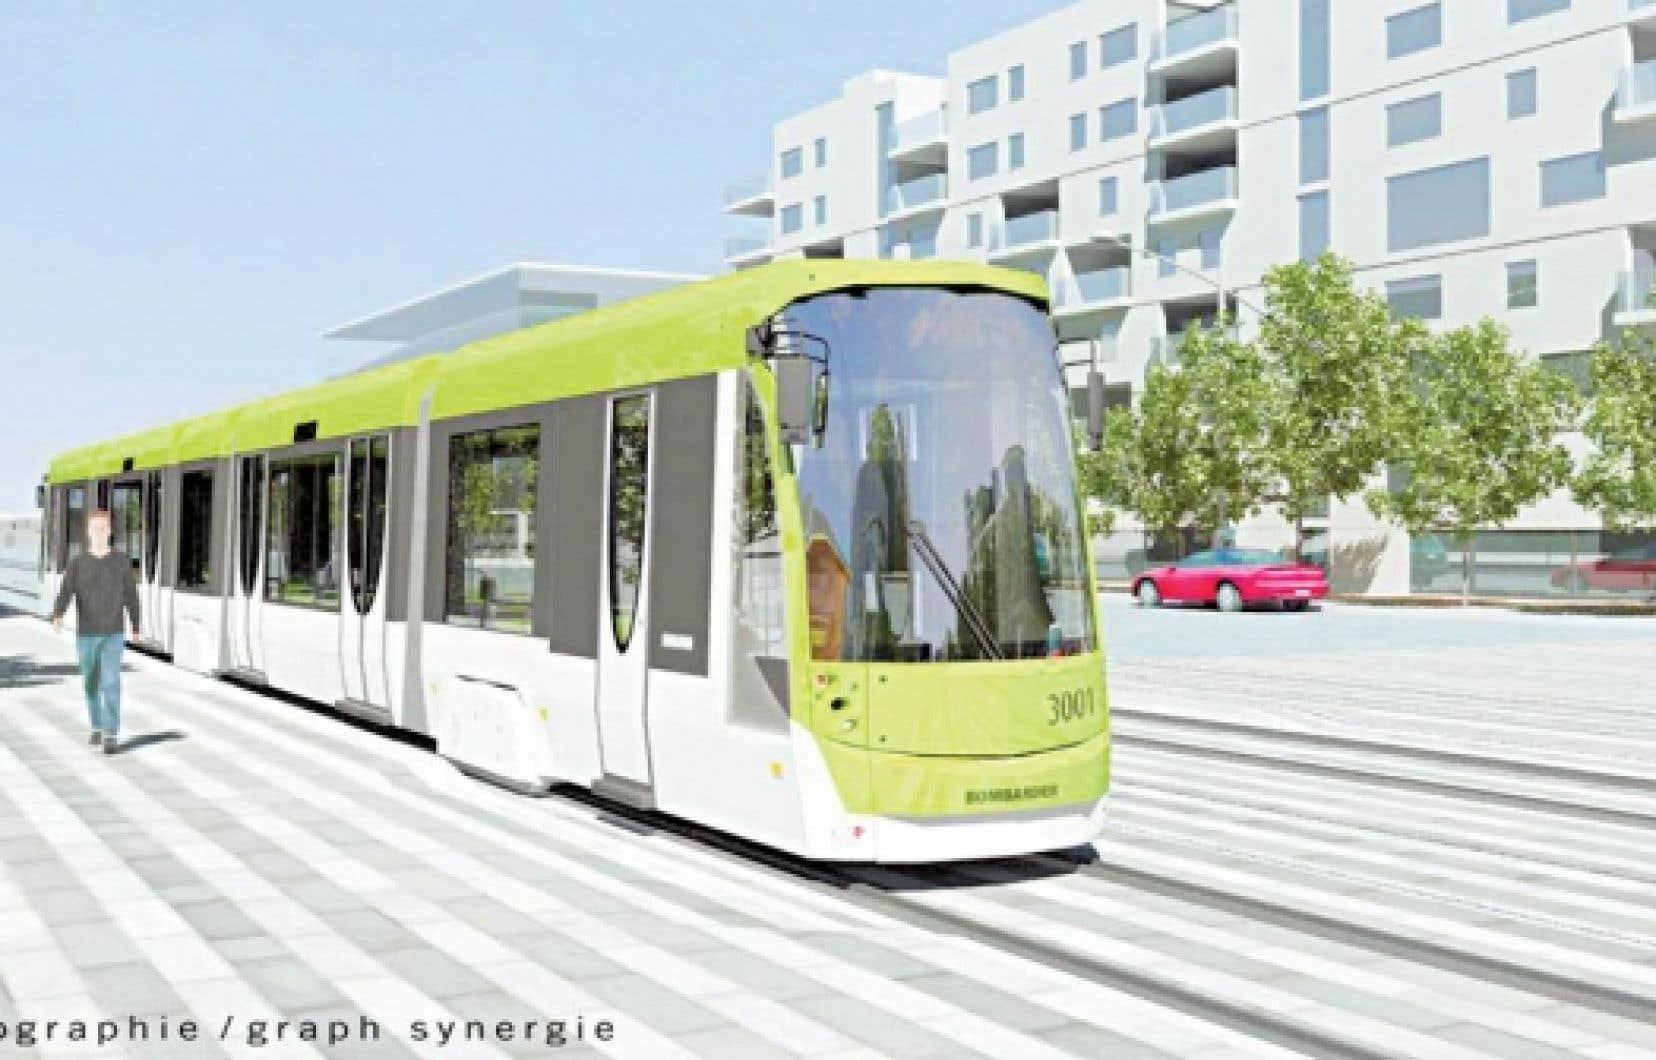 Des sujets comme le tramway provoquent des échanges passionnés sur Québec Urbain. <br />